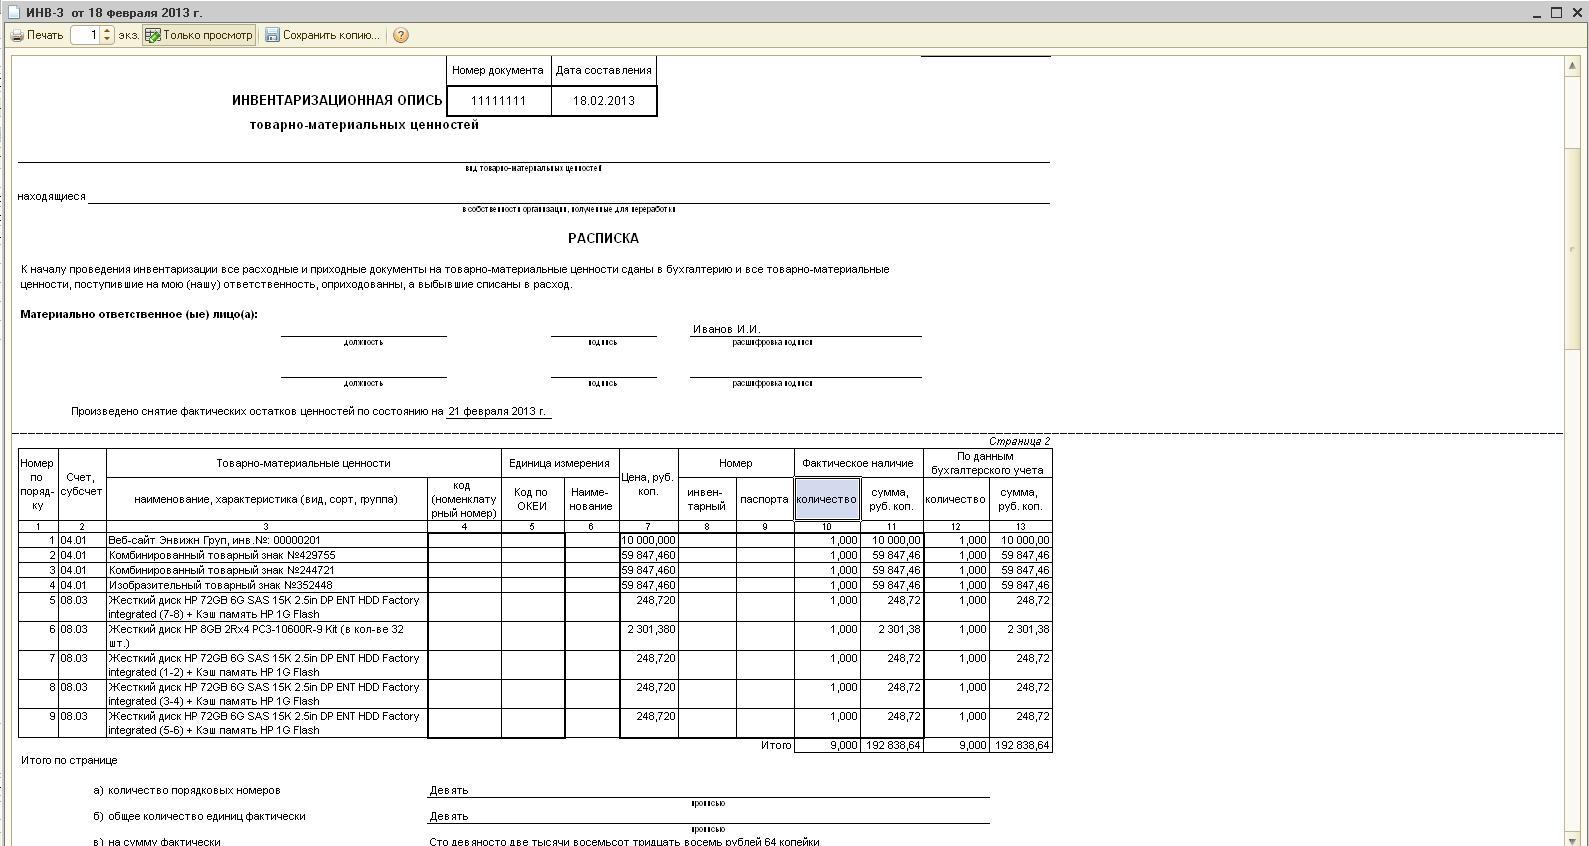 Инвентаризация объектов строительства и НМА по форме ИНВ-3 (для Бухгалтерии ред. 2.0 и Бухгалтерии КОРП ред. 2.0)